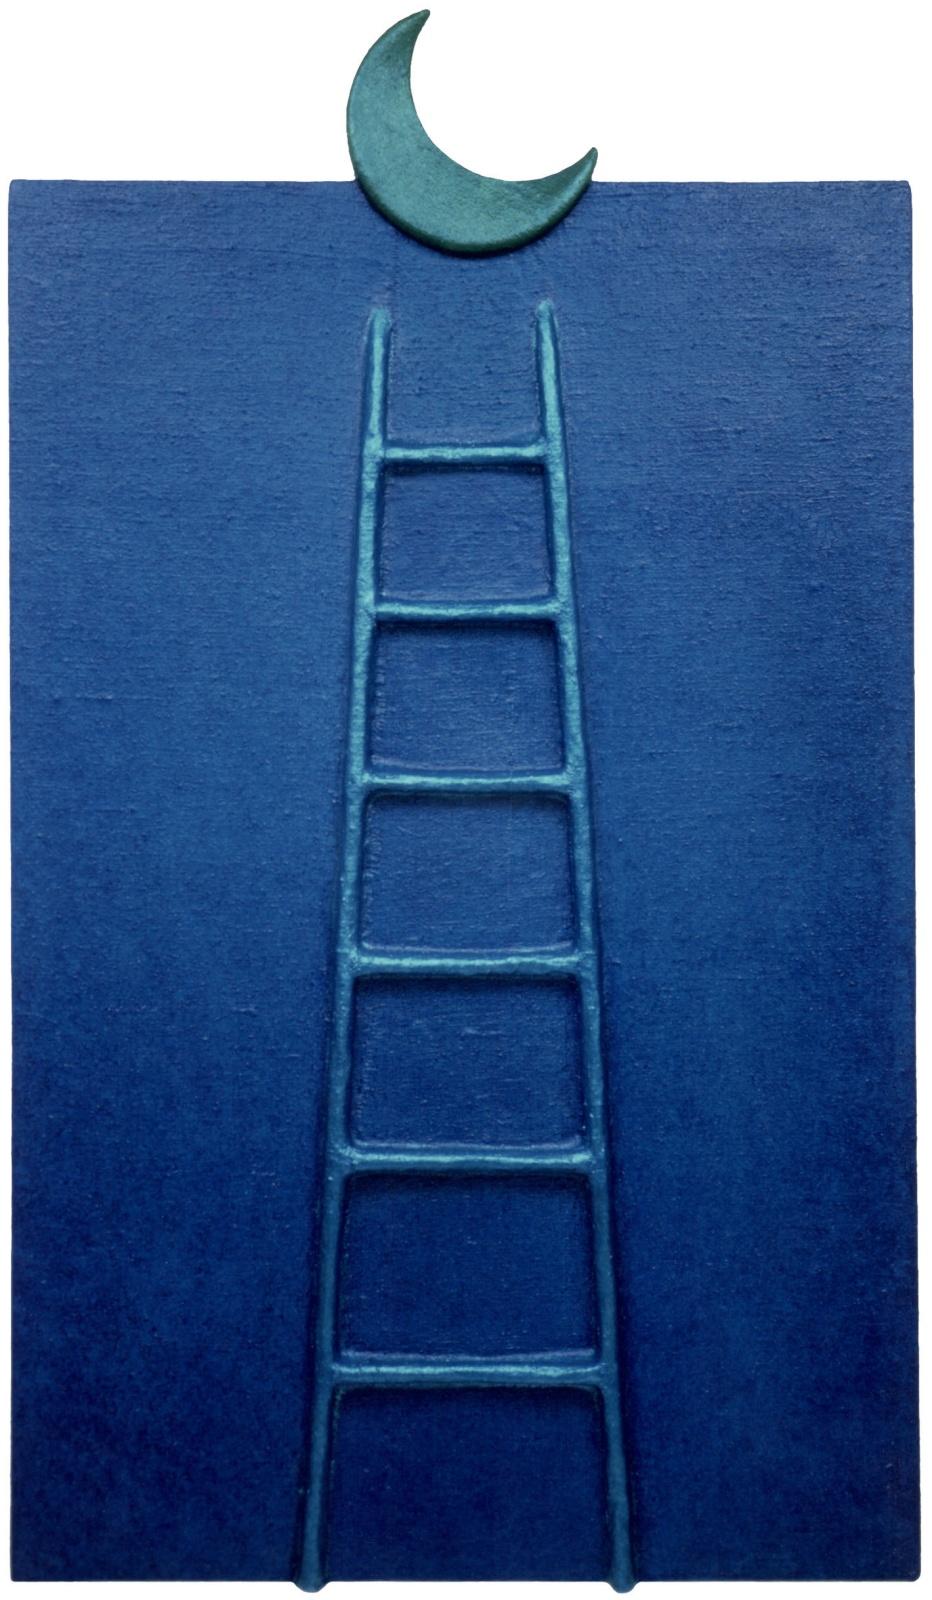 VOGLIOLALUNA .  - Bassorilievo, tela dipinta su sagome in legno, cm.230 x 130 Collezione Barbara Barattolo, Bari